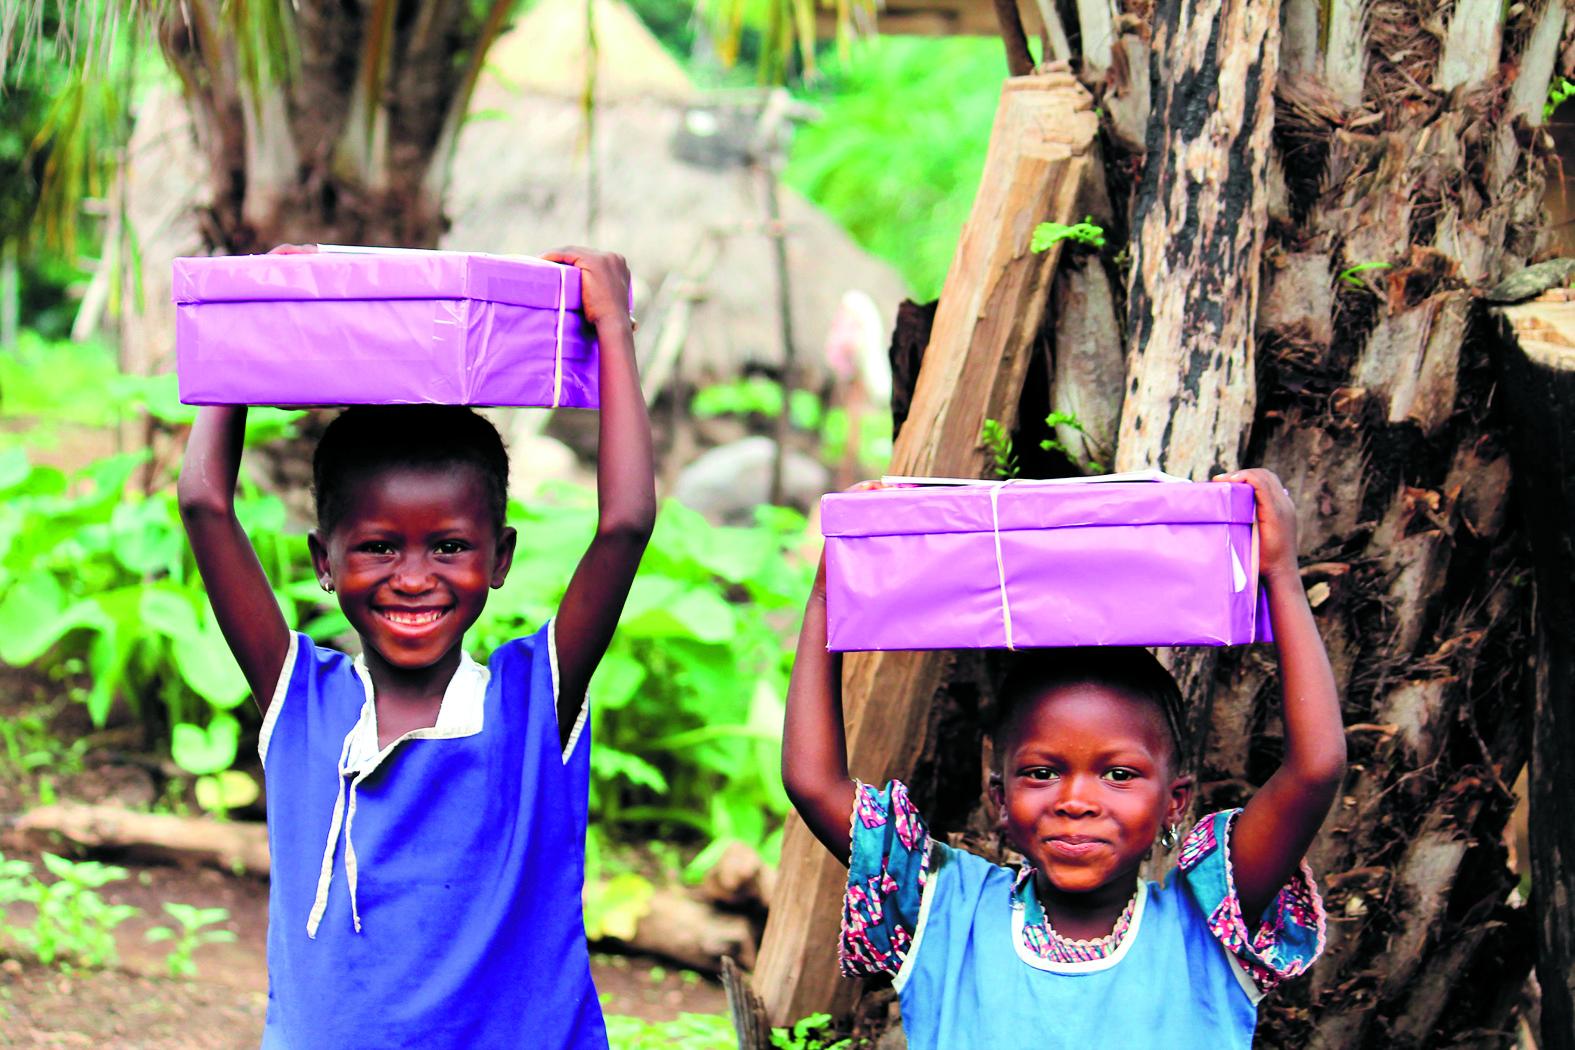 Het ontvangen van een versierde en gevulde schoenendoos is voor deze kinderen heel bijzonder. (Foto: archief Rodi Media)